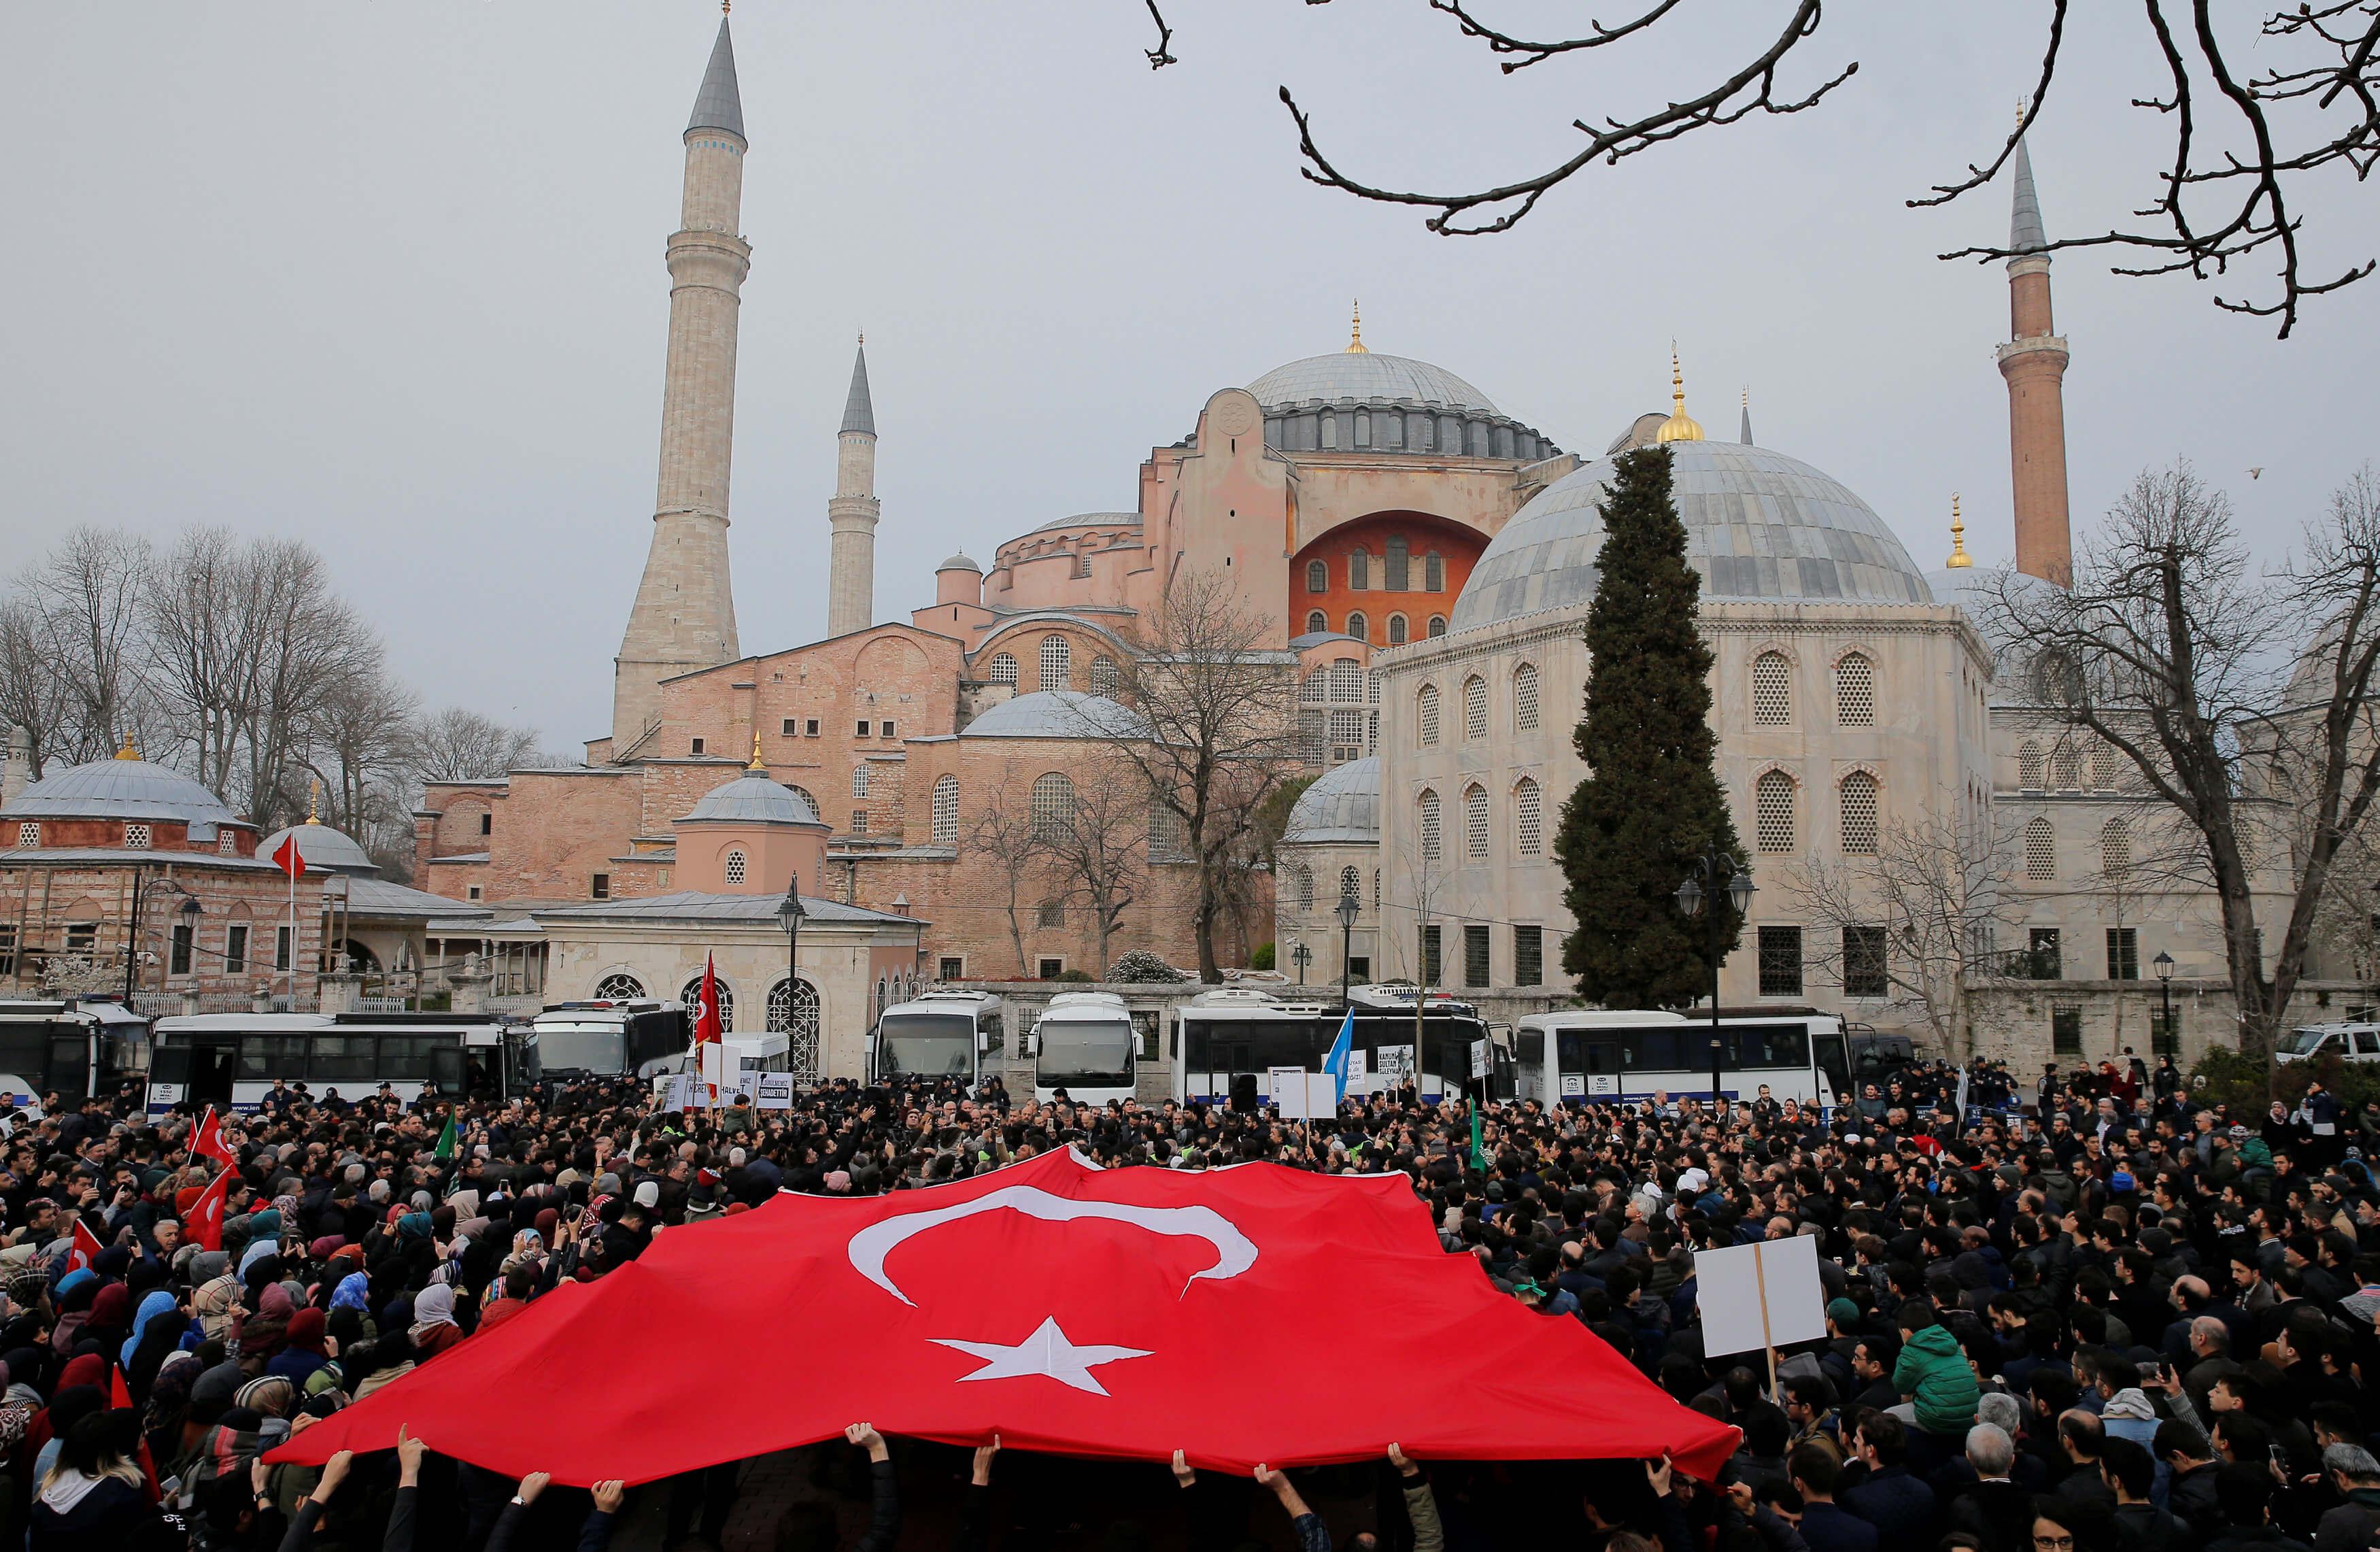 μακελαρησ νεα ζηλανδια Twitter: Ο Ερντογάν έδειξε το βίντεο με το μακελειό στην Νέα